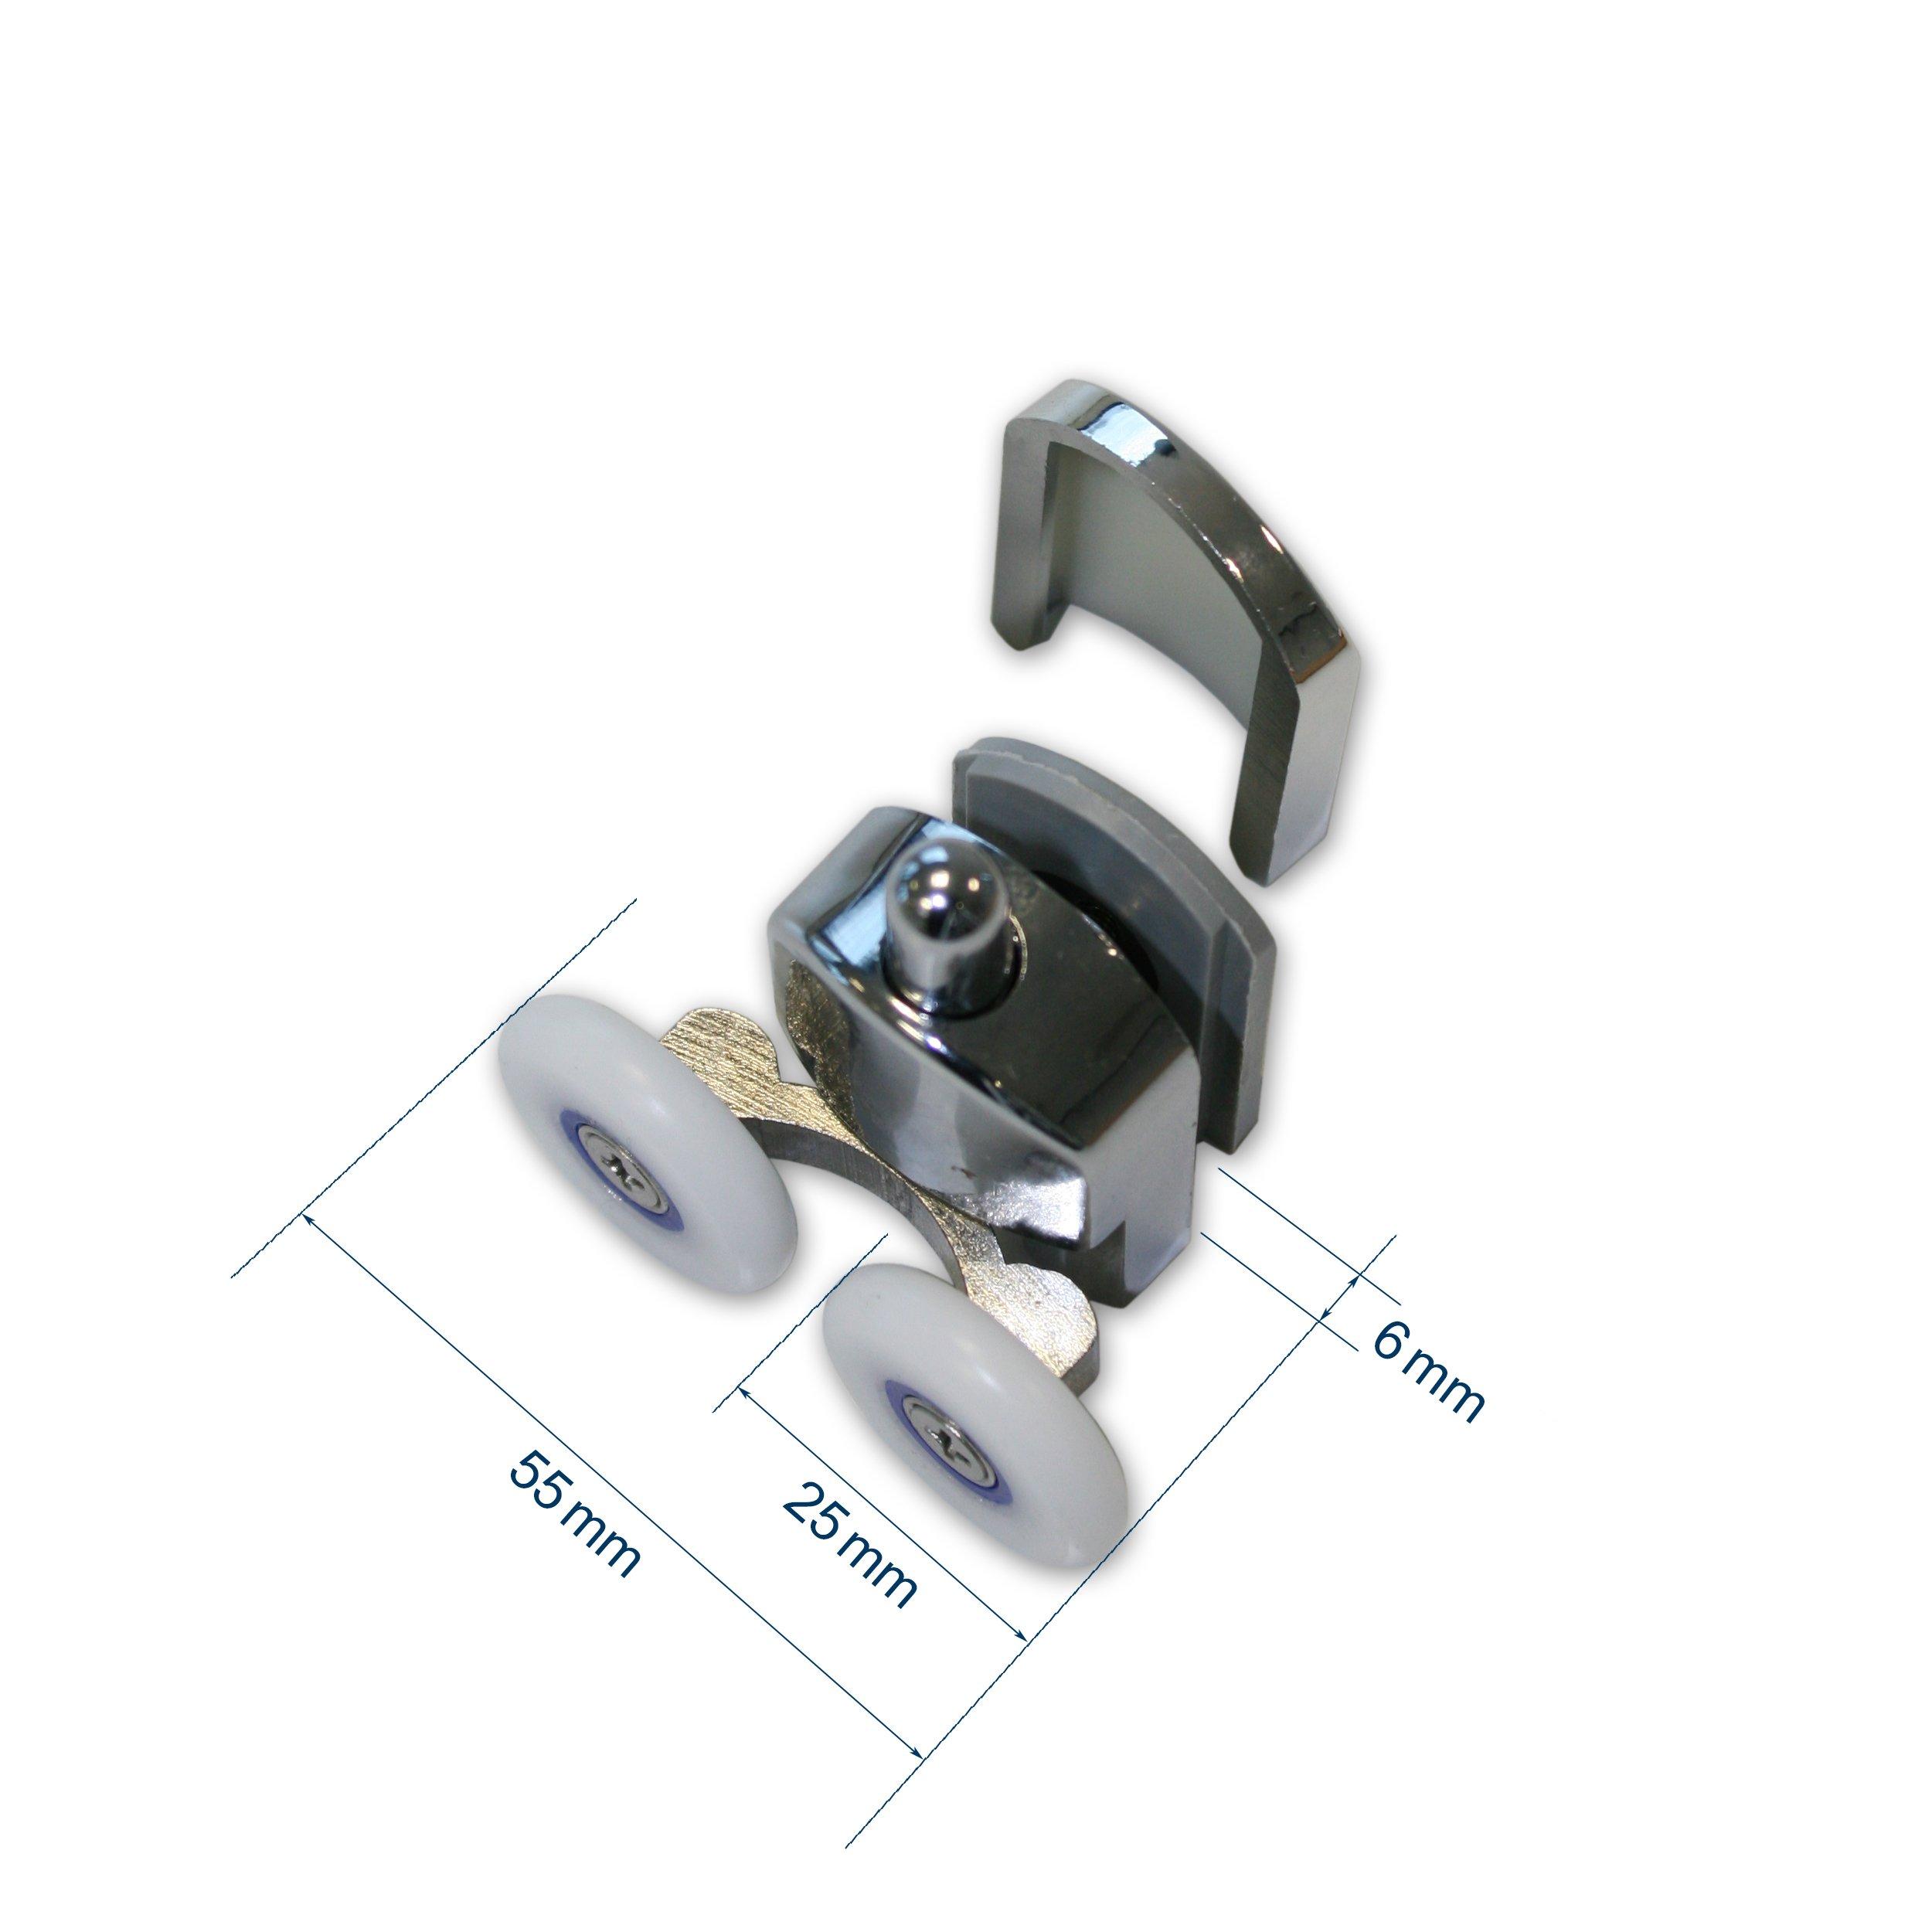 Rollen für Duschkabinentür - Duschtürrollen passend für BERNSTEIN Duschkabinen EX505, EX506 zoom thumbnail 4